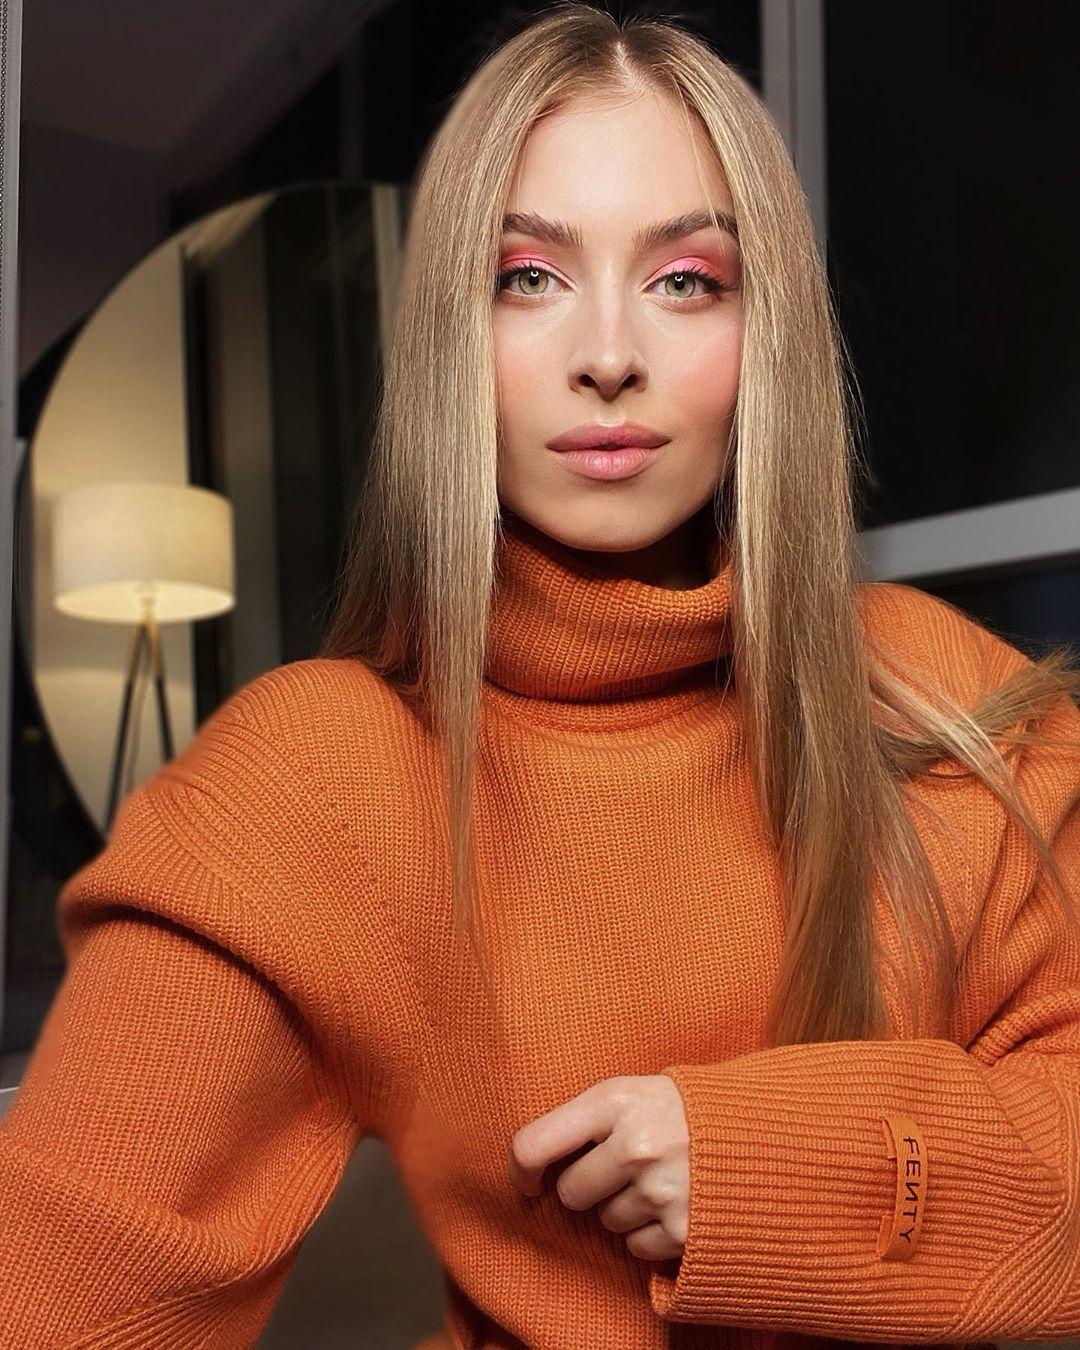 София Евдокименко, внучка Софии Ротару